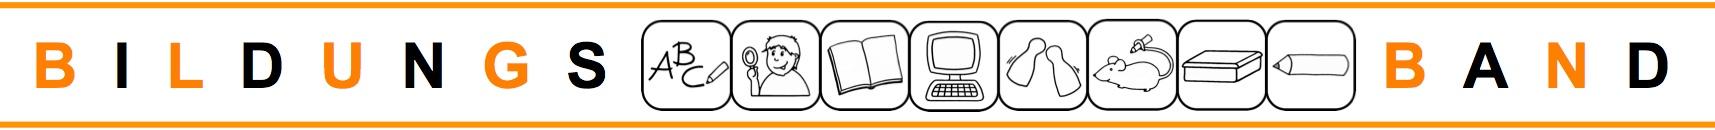 BB_Logo_01.jpg